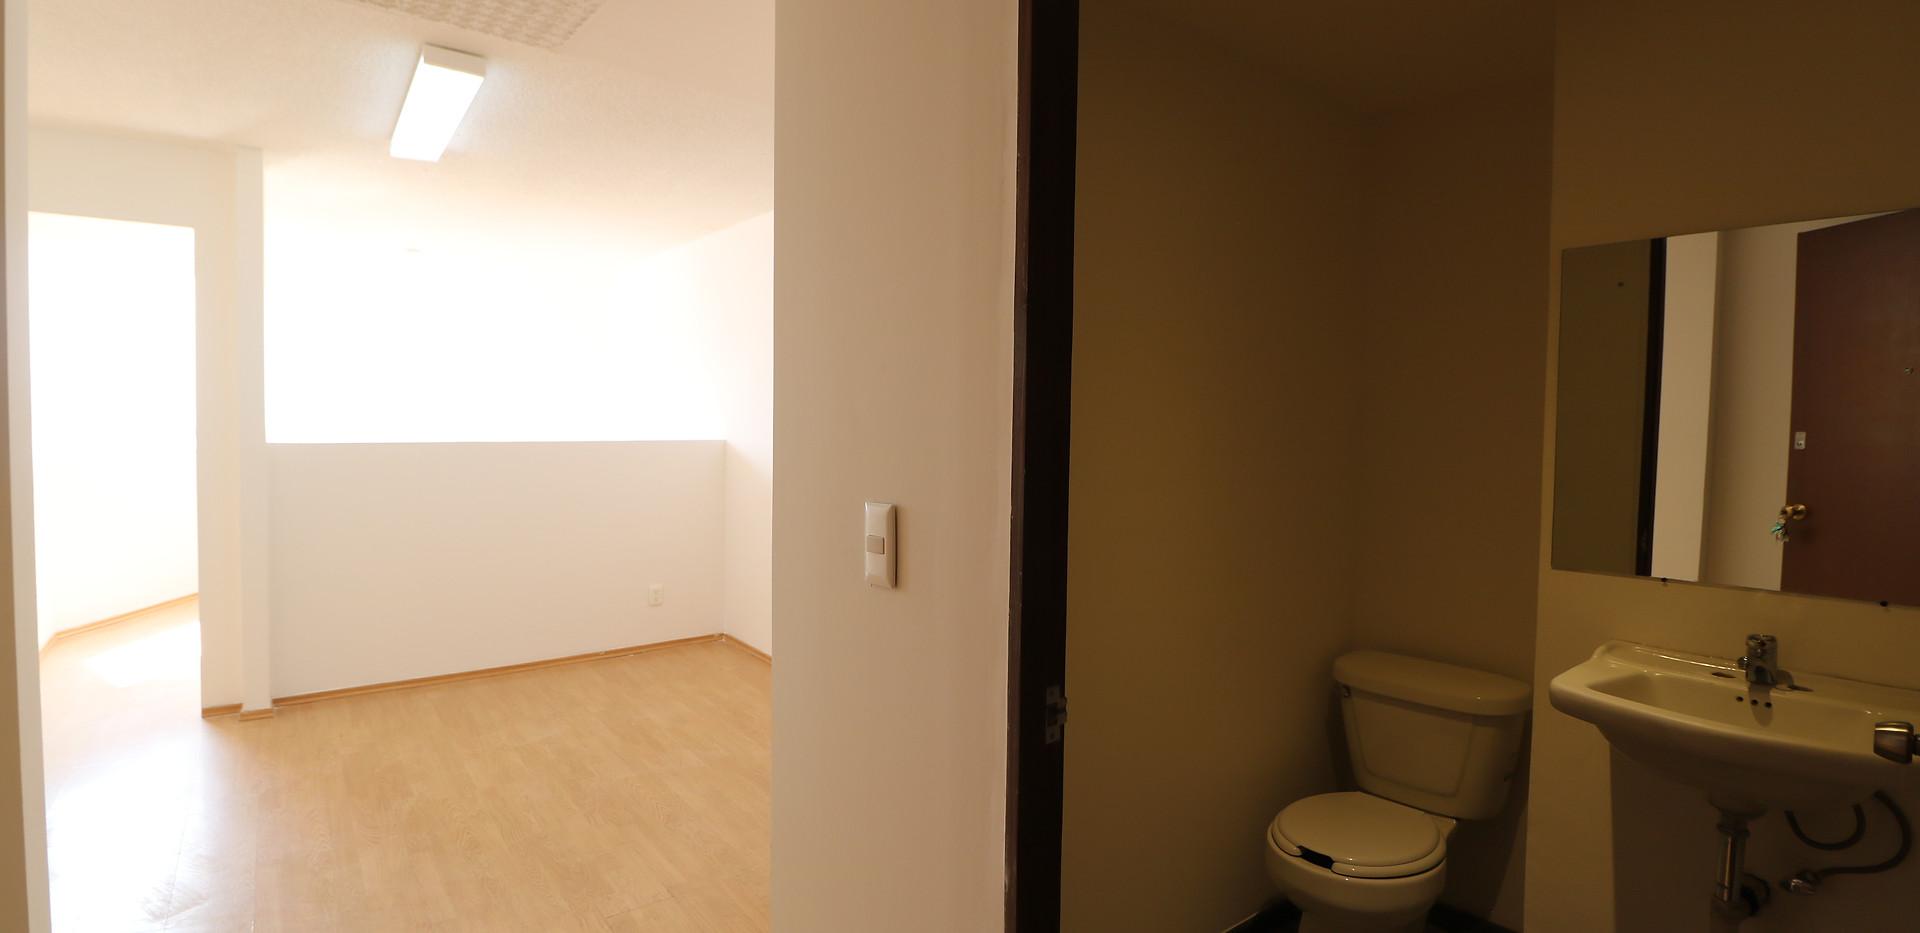 Oficina 1121-1122